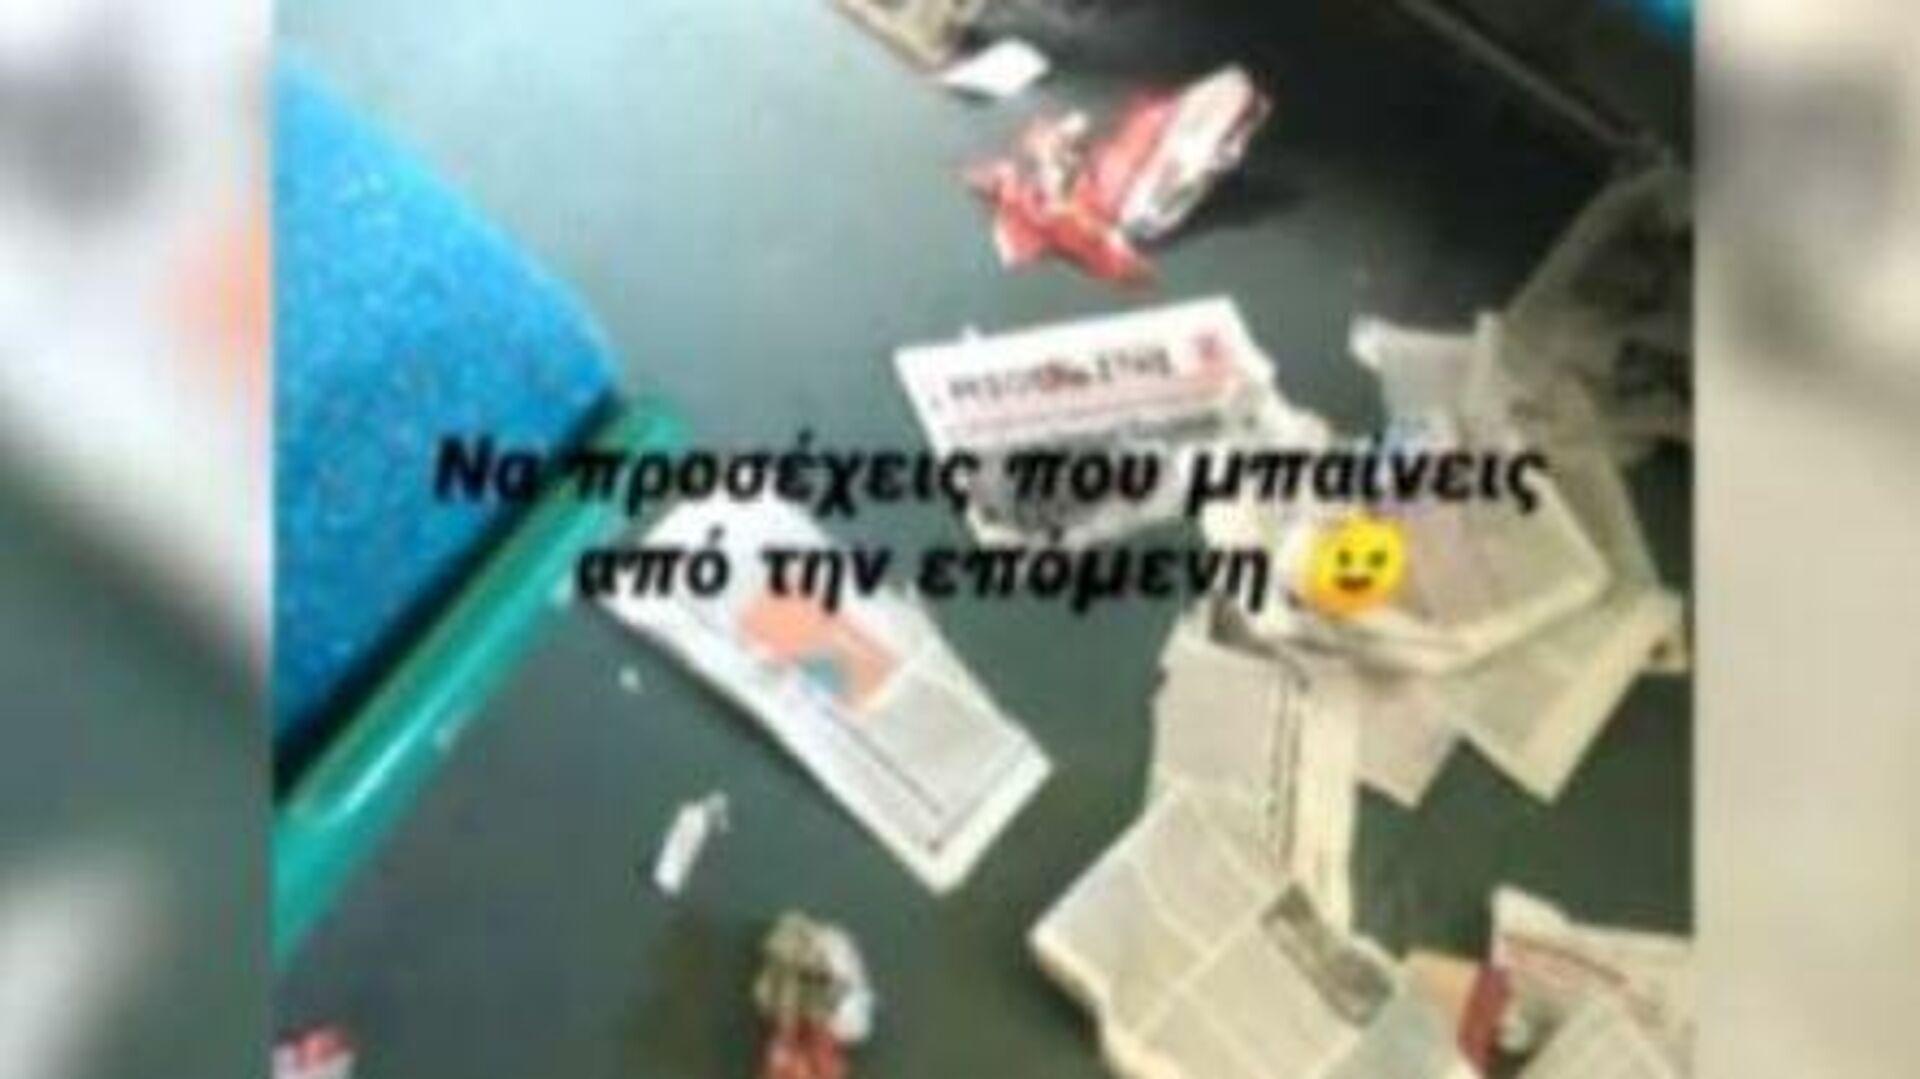 Επίθεση ακροδεξιών σε φοιτήτρια της ΚΝΕ - Sputnik Ελλάδα, 1920, 06.10.2021